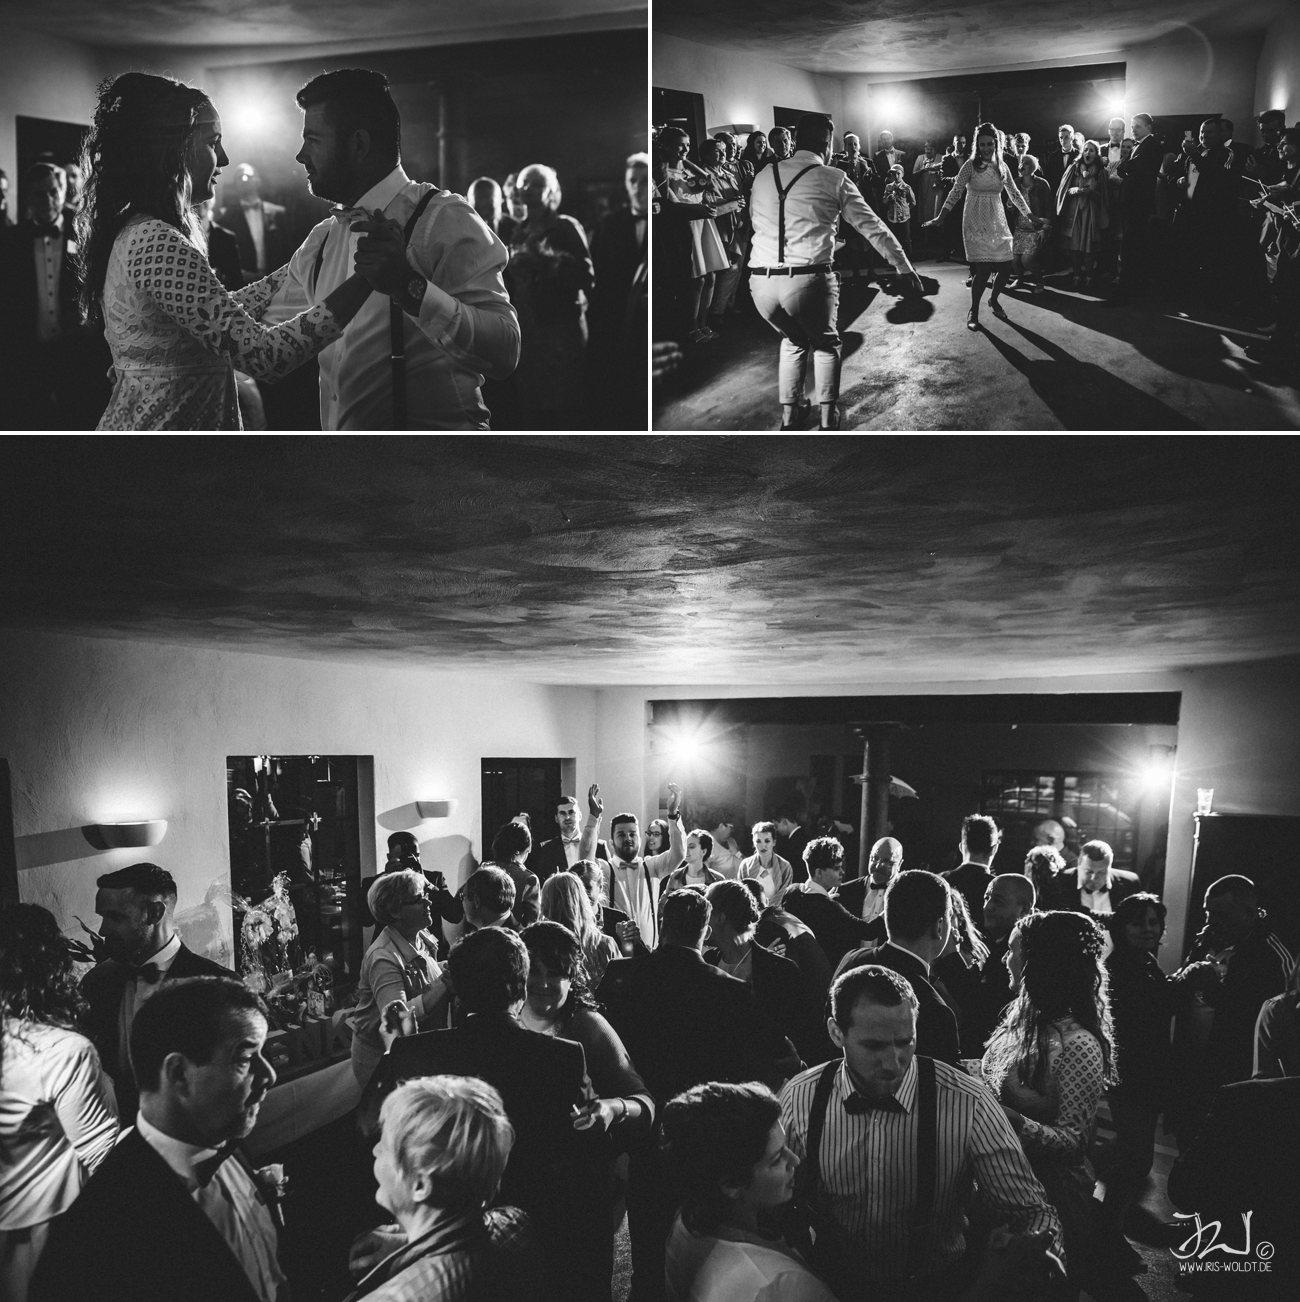 Hochzeitsfotograf_Altthymen_MuehleTornow_IrisWoldt 113